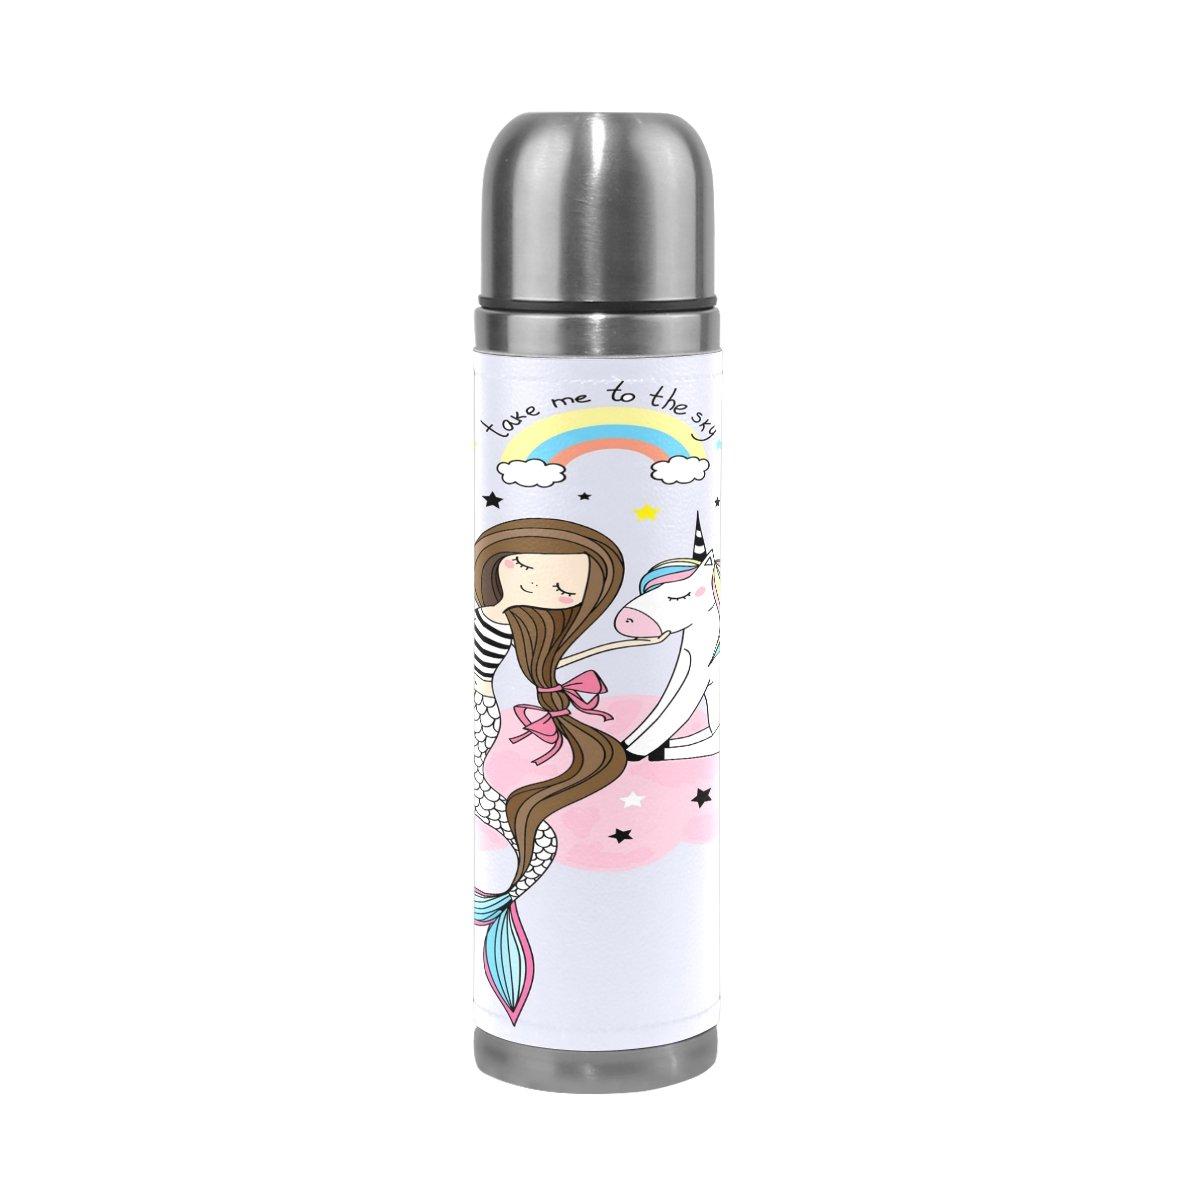 ALAZA Unicornio y Sirena niña Doble Pared de Acero Inoxidable Aislado al vacío Botella de Agua 17oz a Prueba de Fugas Termo para Caliente y Bebidas frías